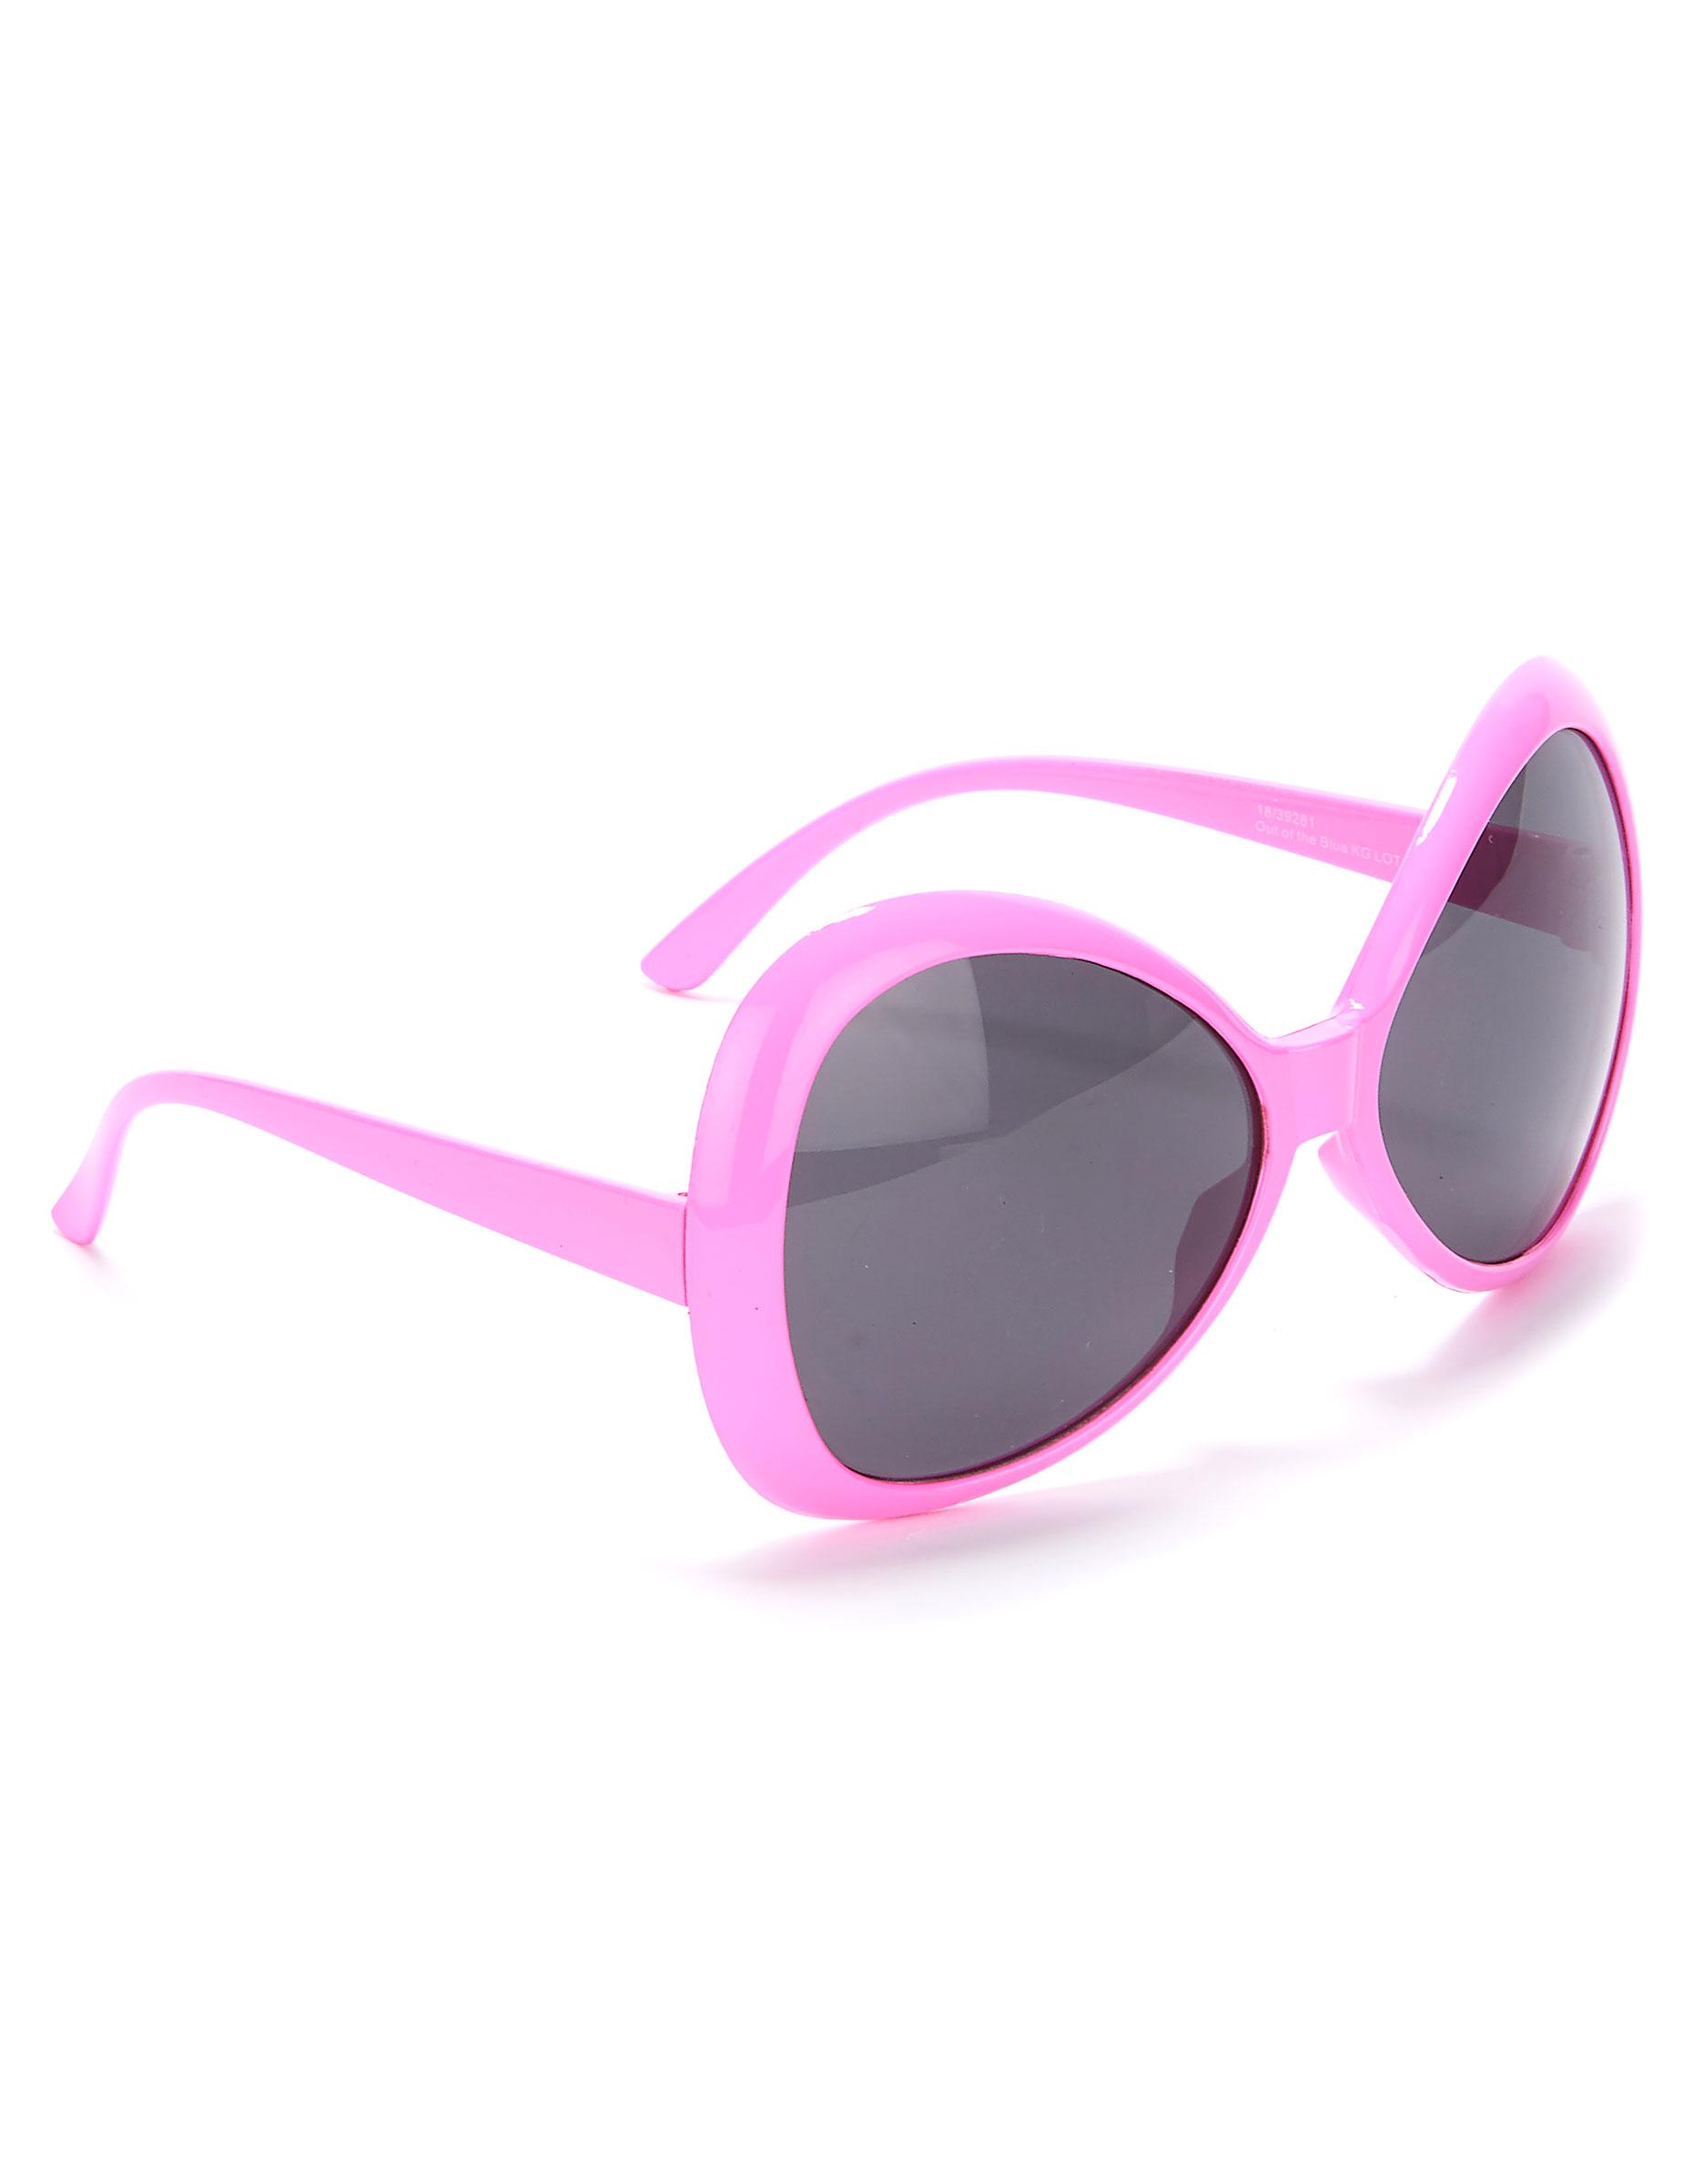 5e8632cd7 Óculos disco para adulto cor-de-rosa: Acessórios,mascarilhas e fatos ...